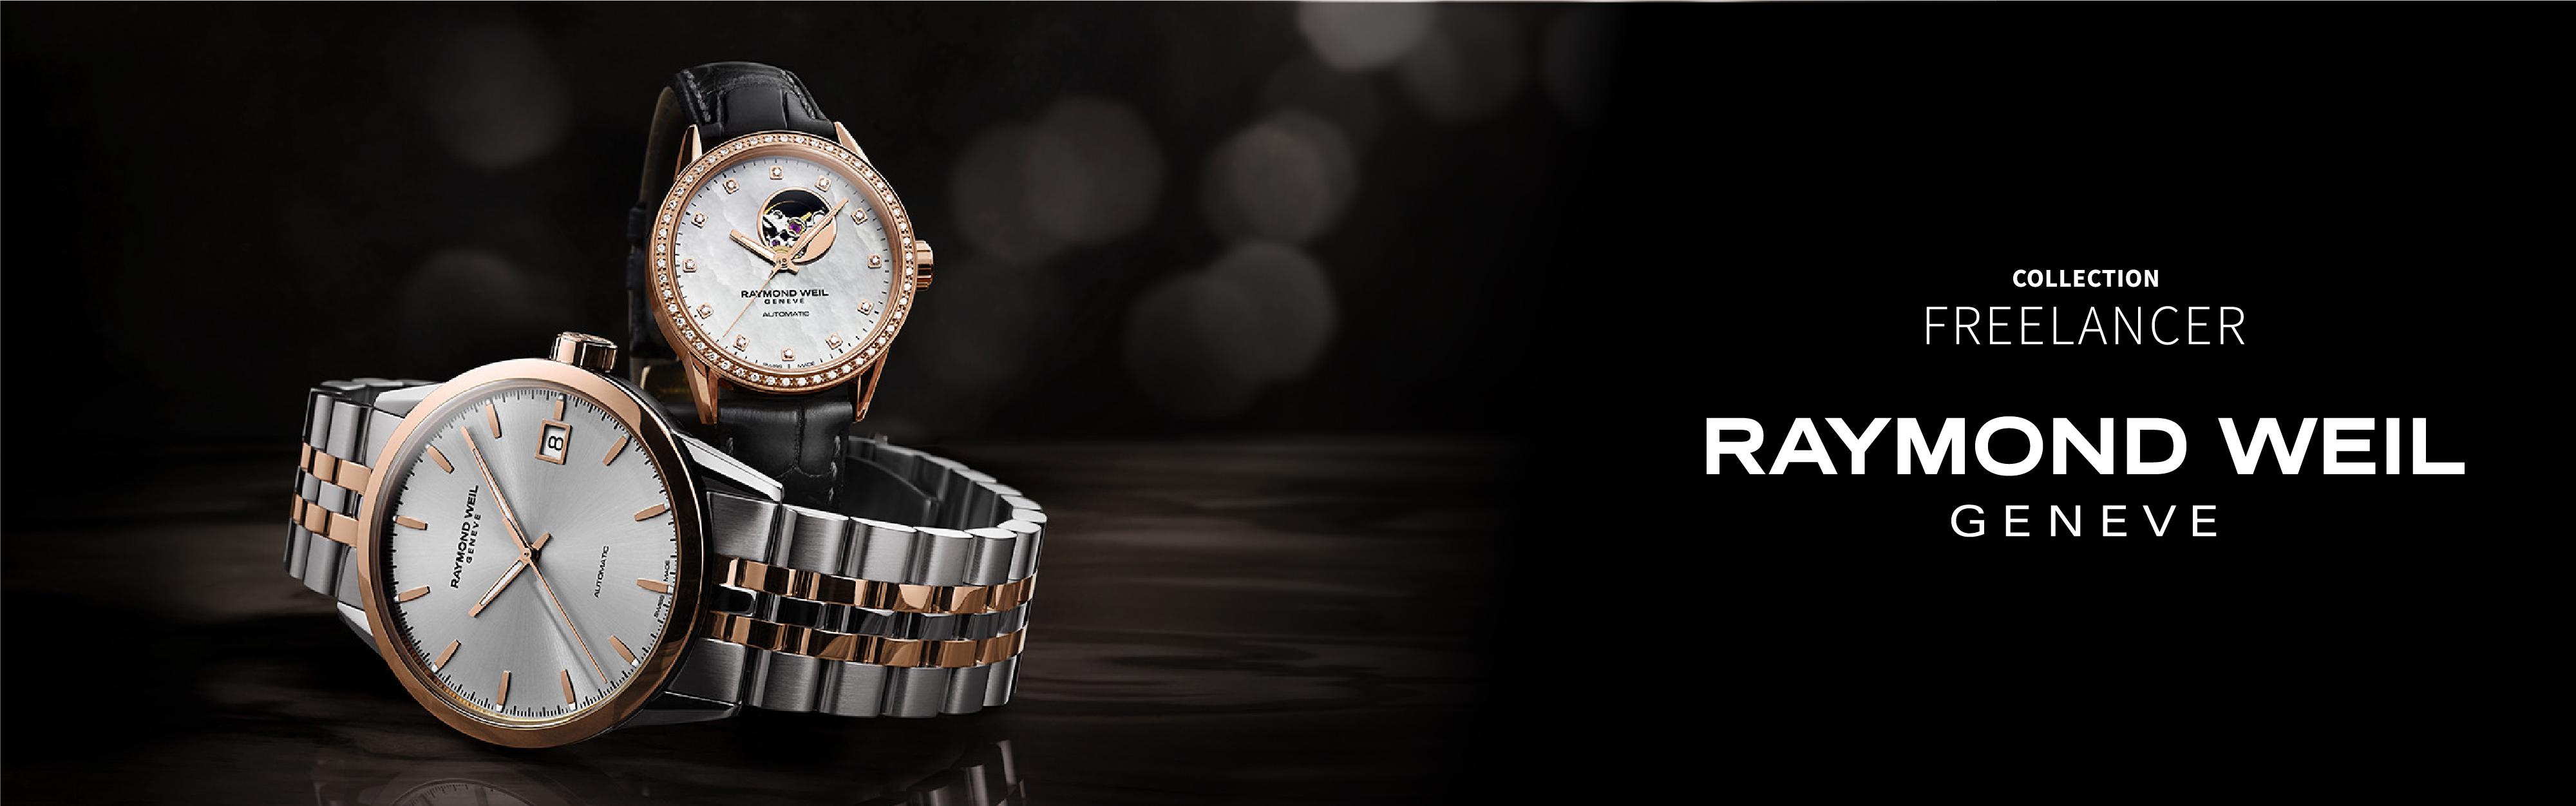 Precios especiales en relojes de las mejores marcas